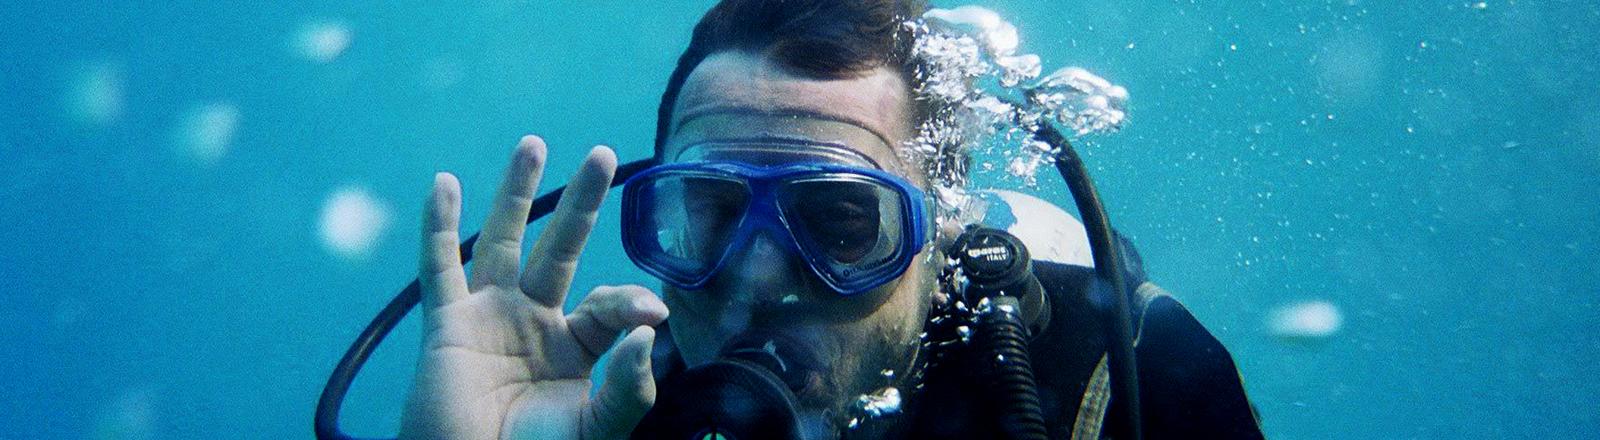 Ein Taucher macht unter Wasser das OK-Zeichen.